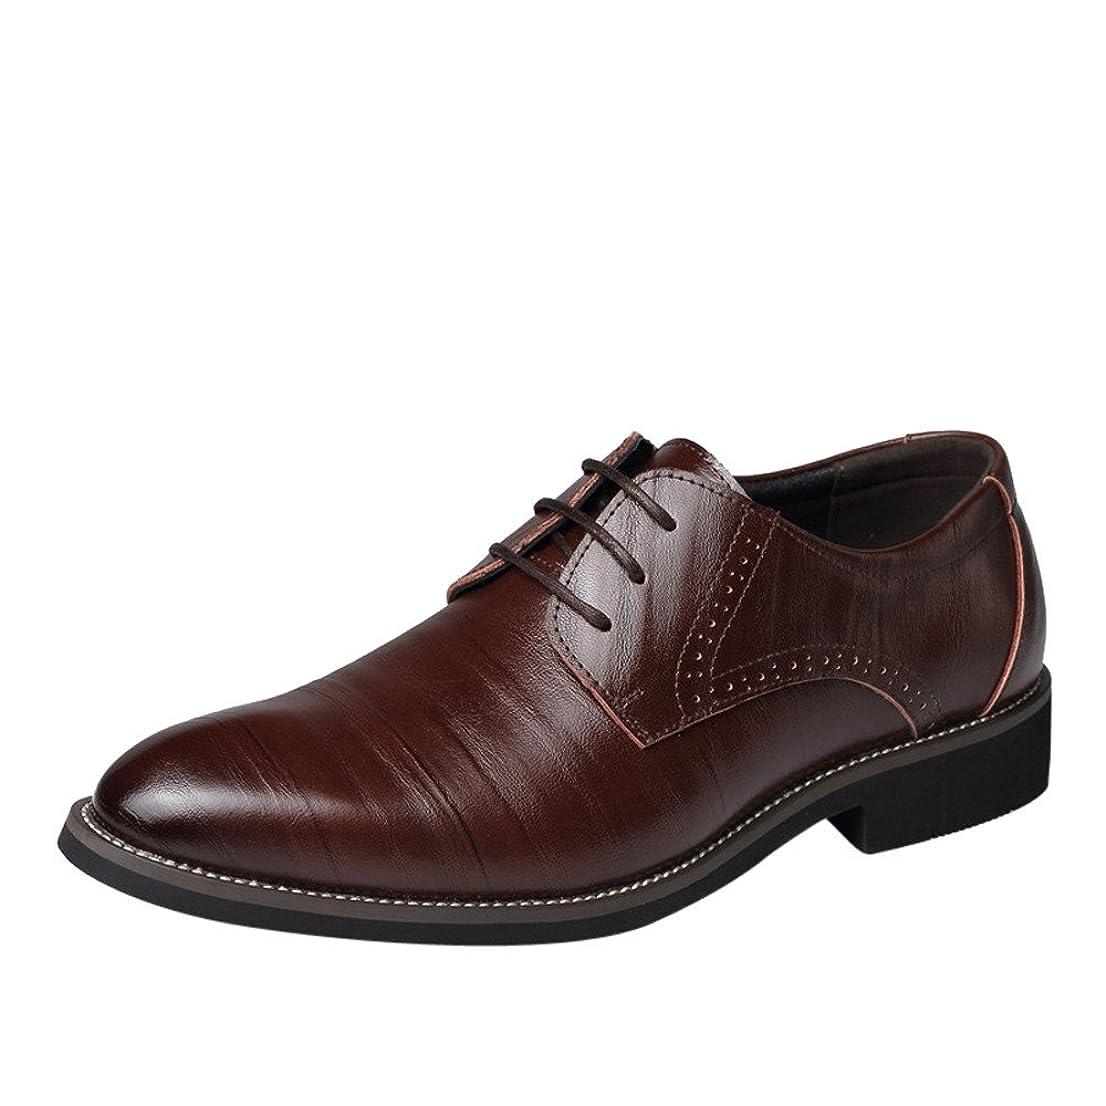 ゴネリル違反スケートRicherビジネスシューズ 紳士靴 メンズ 本革 ストレートチップ モンクストラップ 革靴 通気 抗菌 滑り止め 高級靴